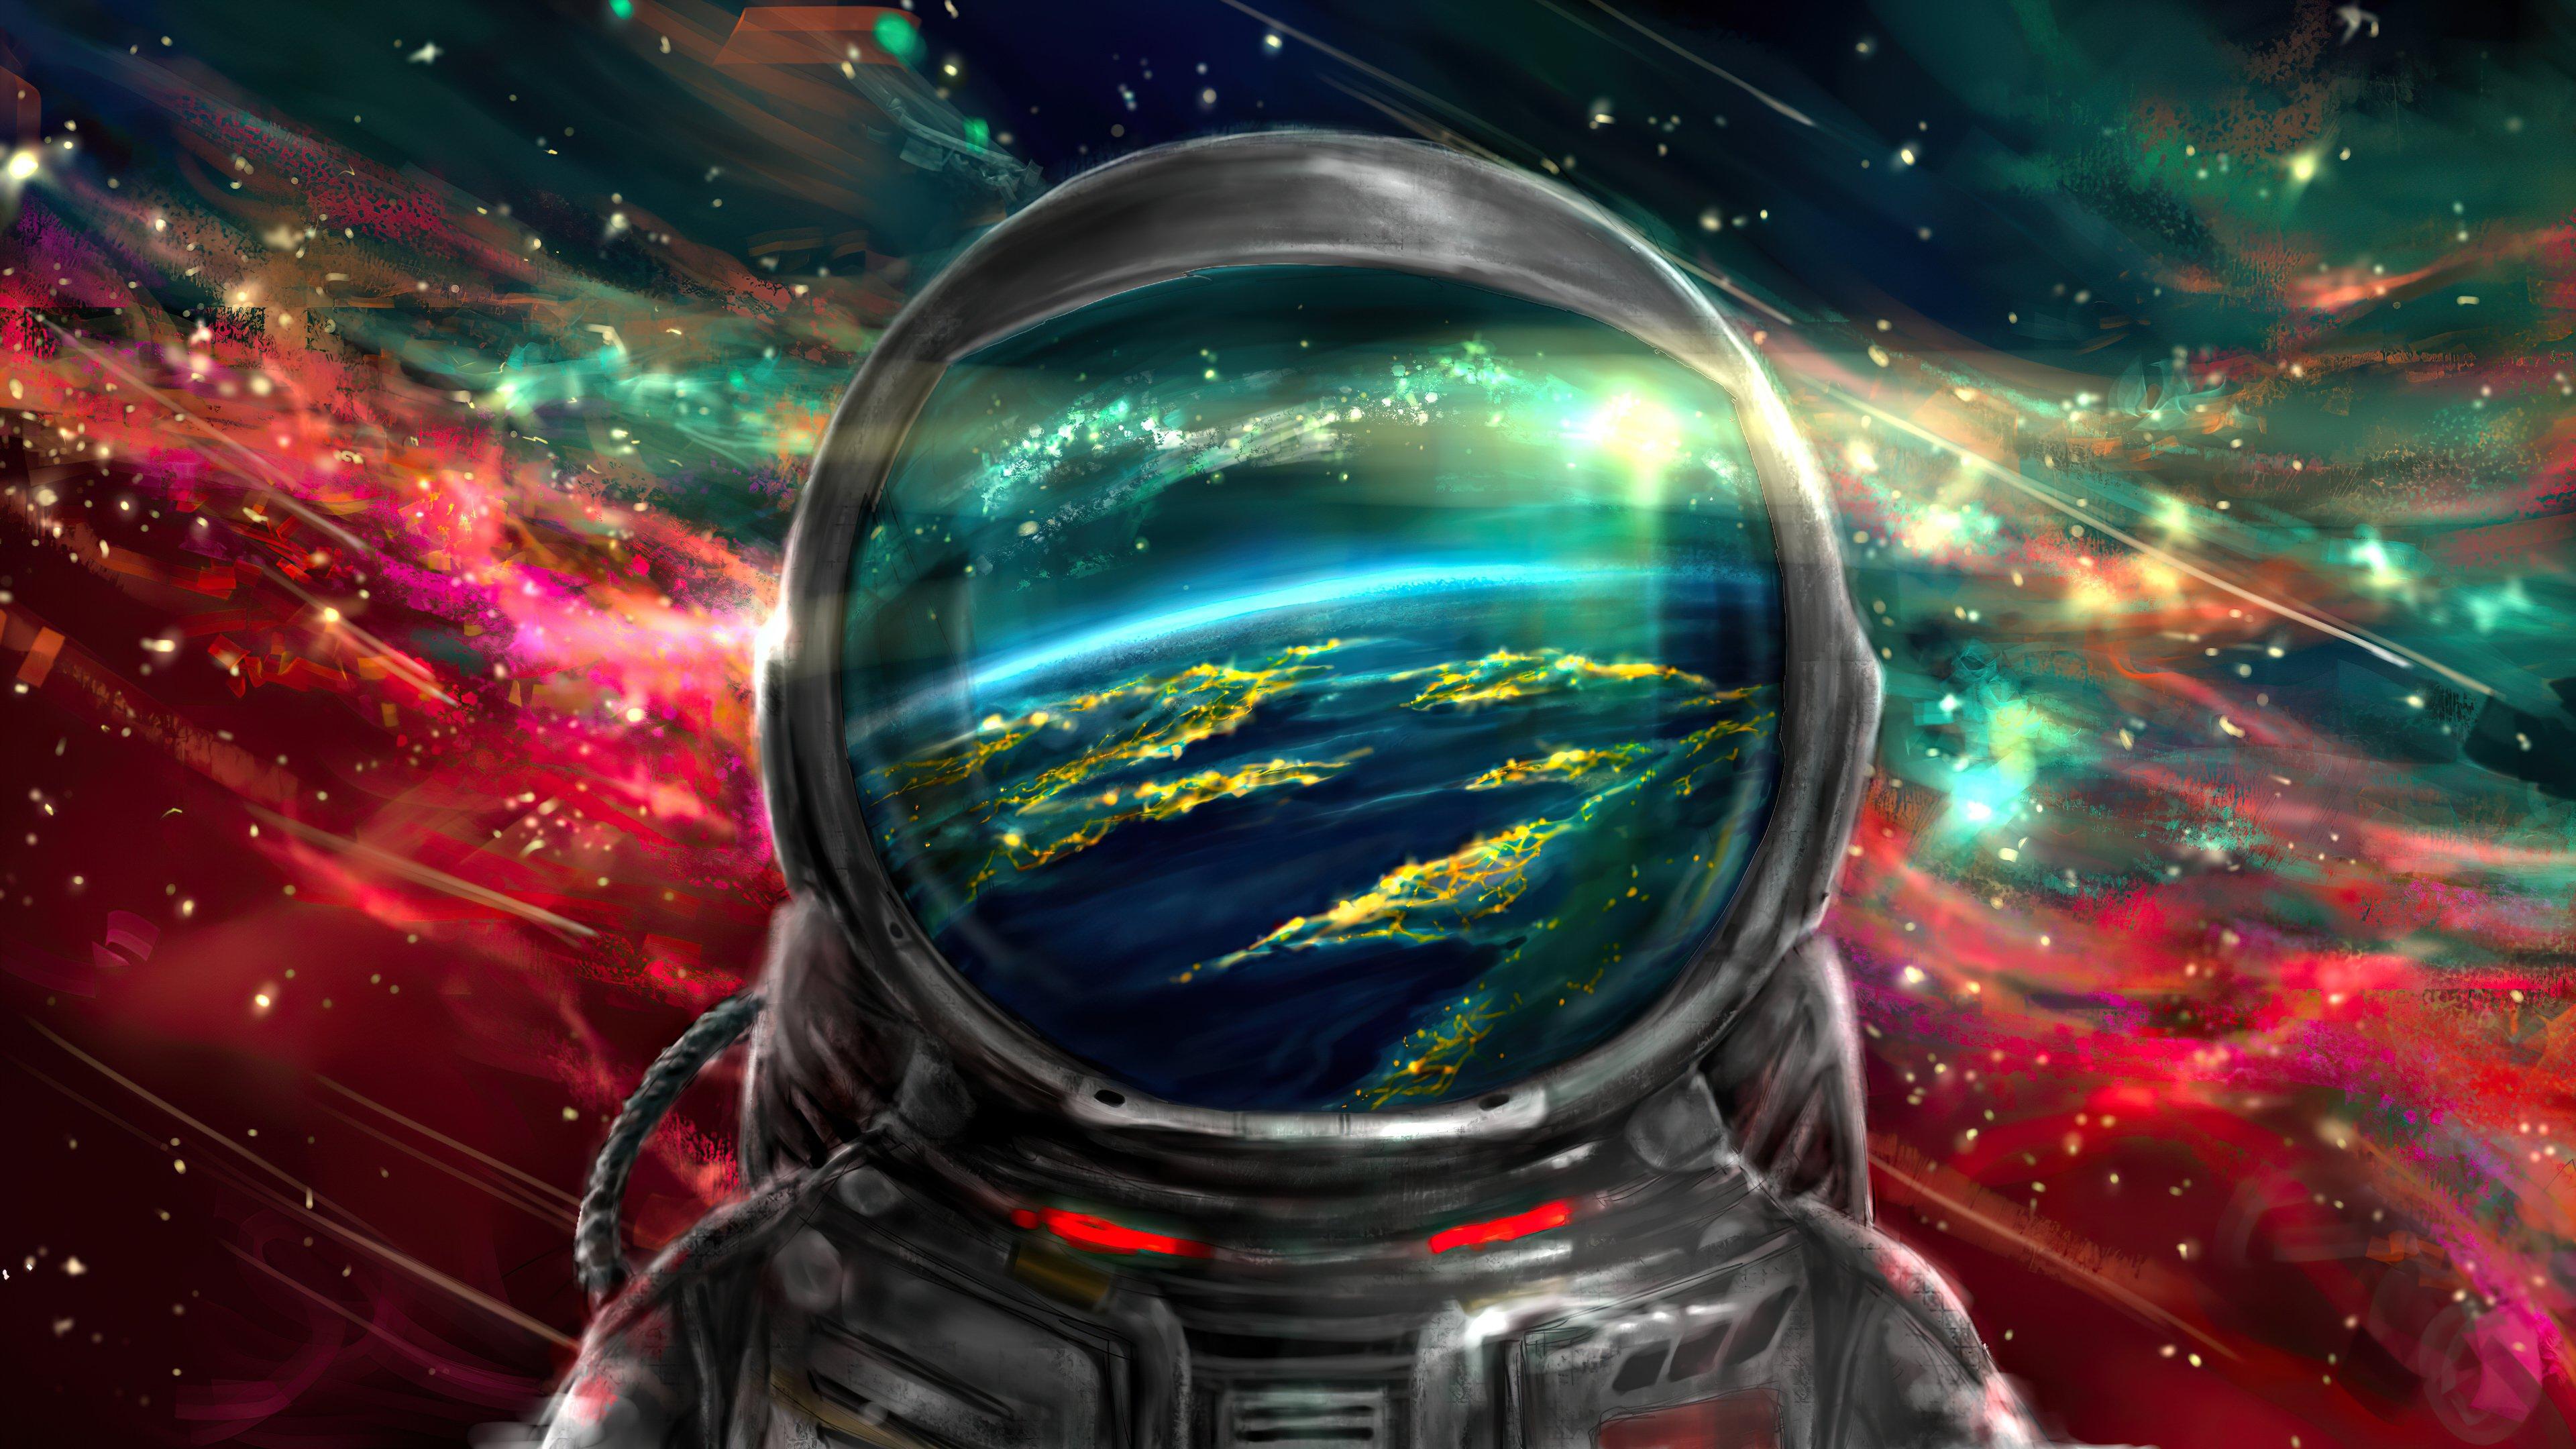 Fondos de pantalla Astronauta con universo de fondo